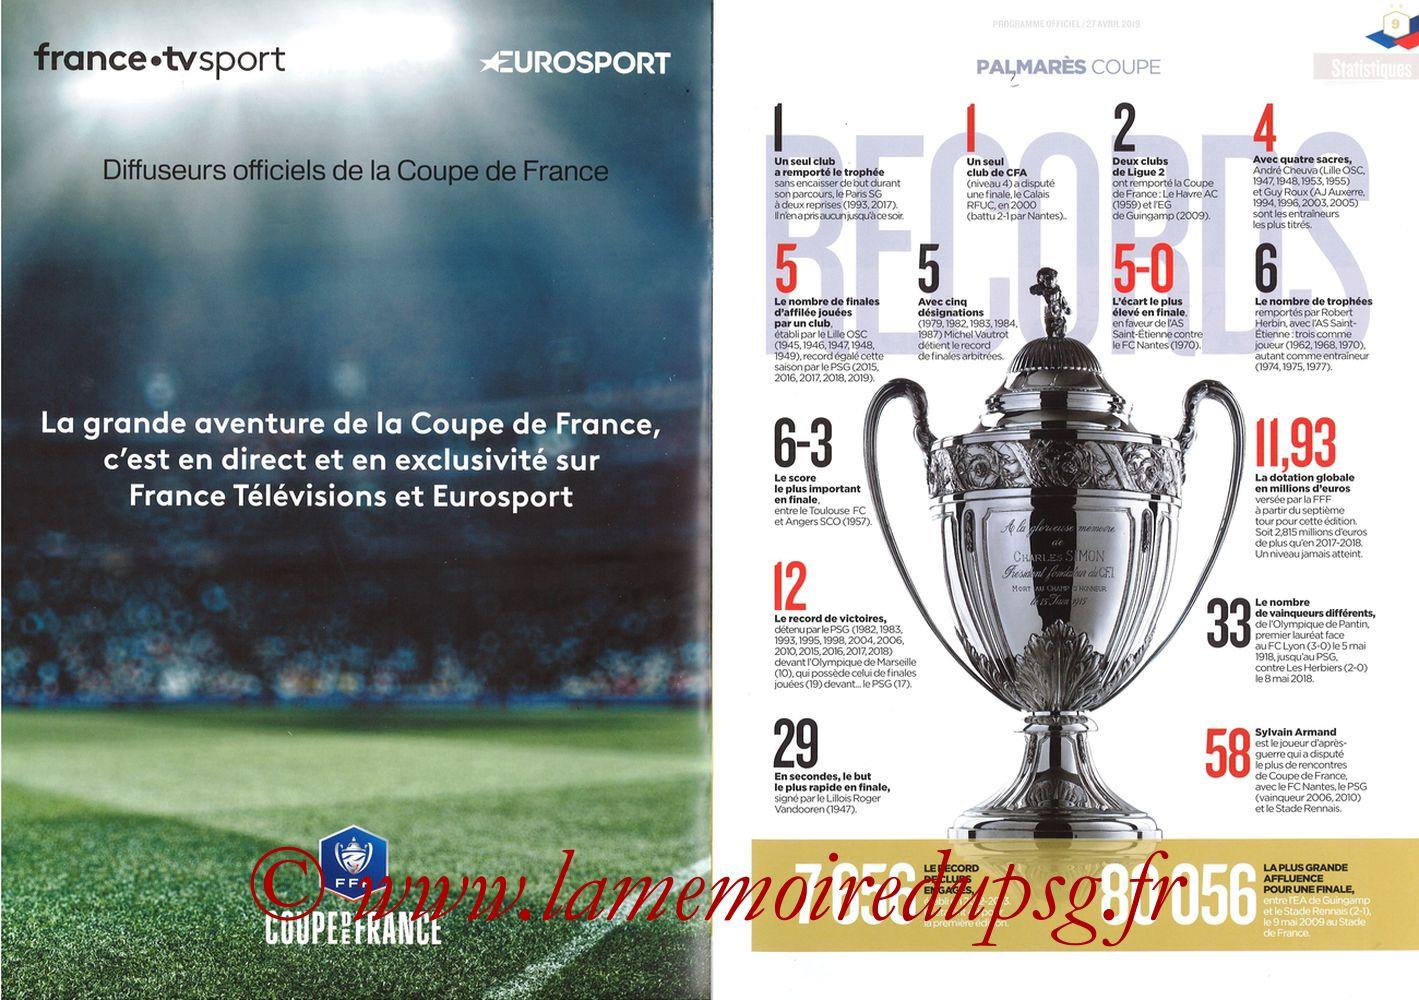 2019-04-27  Rennes-PSG (Finale CF au Stade de France, Programme officiel FFF) - Pages 08 et 09